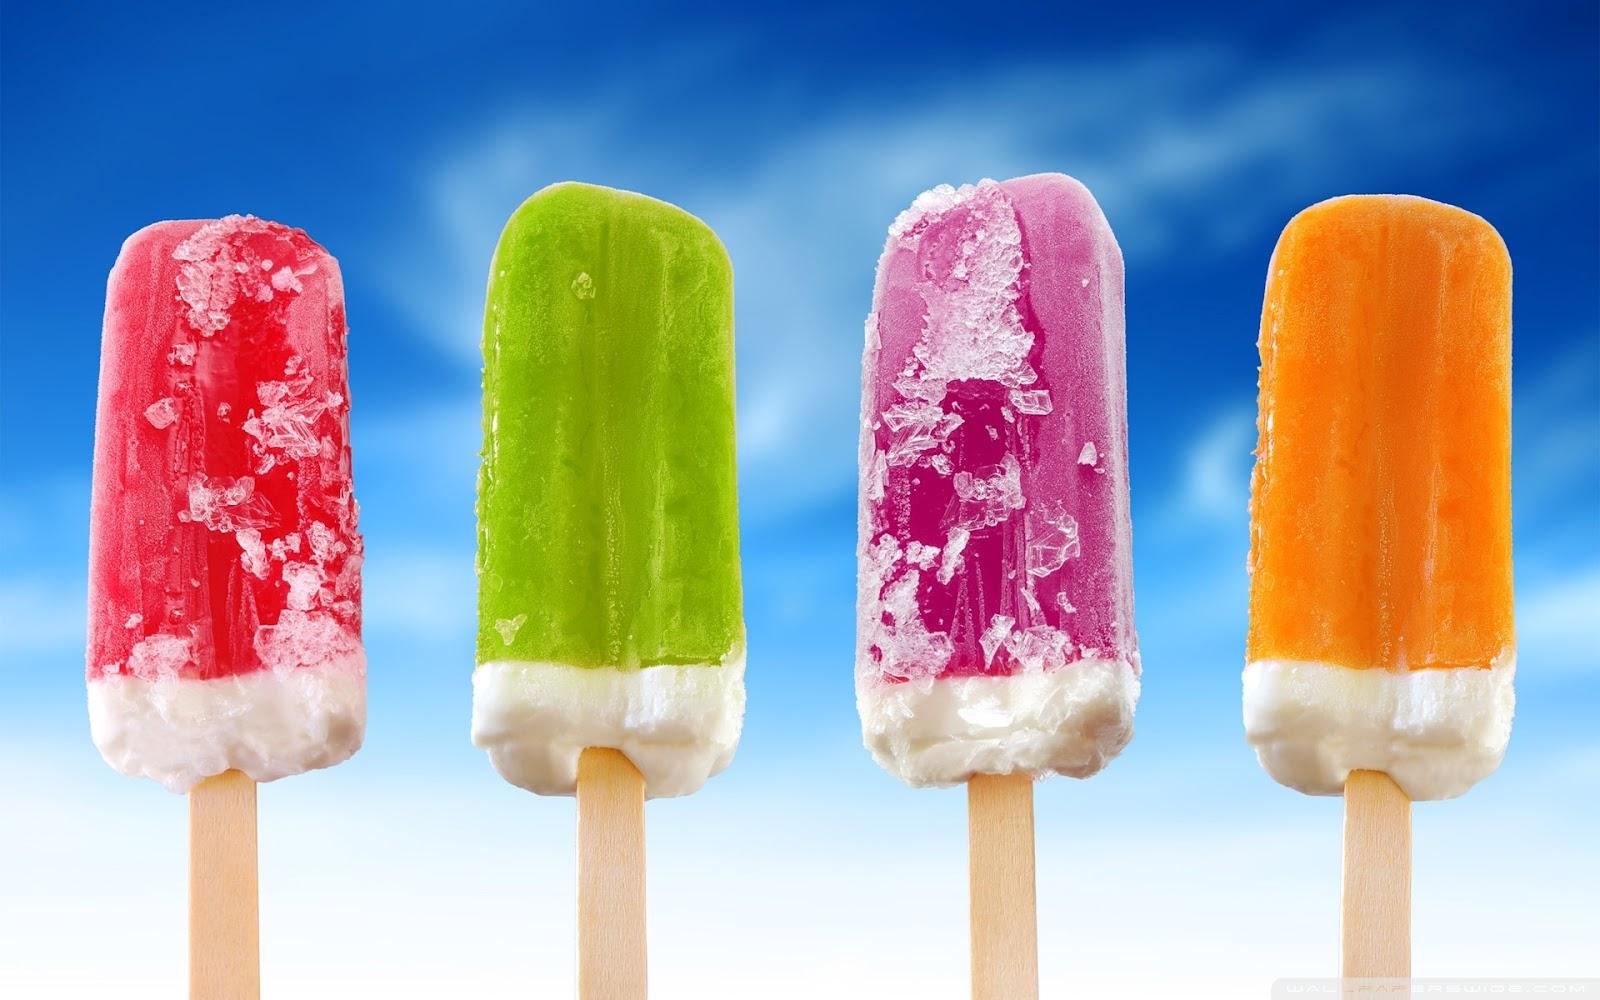 http://3.bp.blogspot.com/--vju29A6dEg/T6wvEaKQHgI/AAAAAAAAAXQ/mrQ8e-pBZc8/s1600/ice_cream-wallpaper-1920x1200.jpg